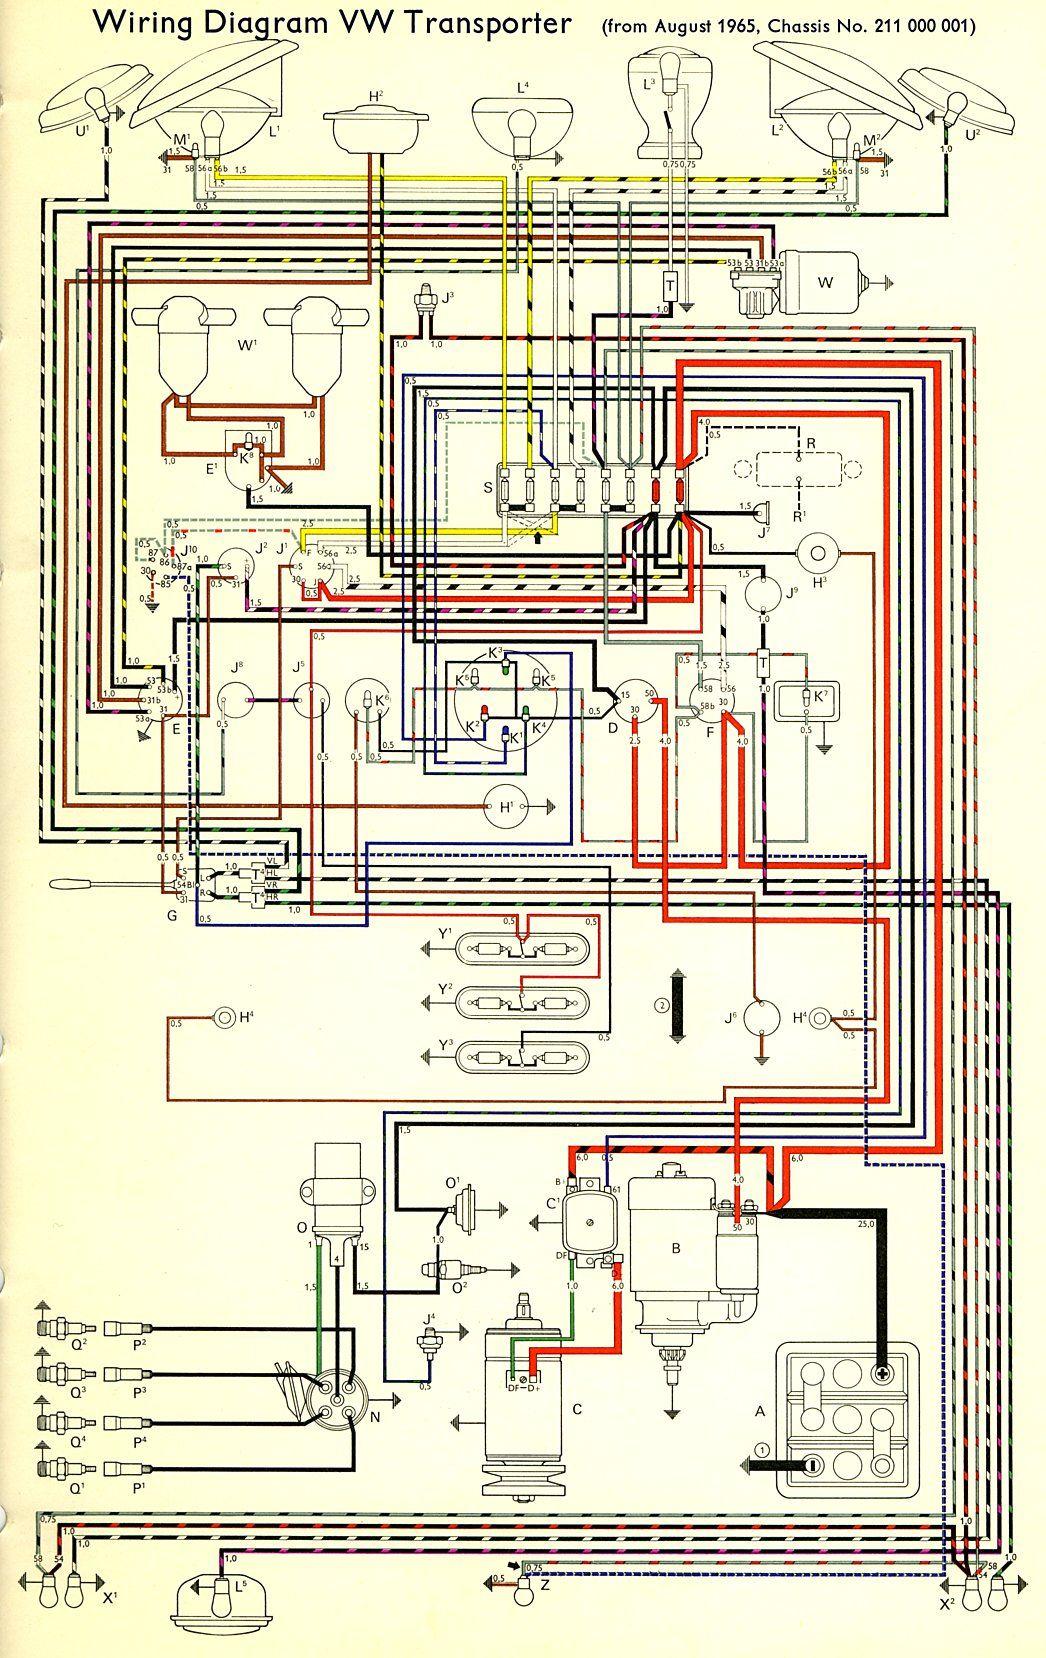 Superb Vw Transporter Wiring Diagram Manual Wiring Diagram Tutorial Wiring Cloud Onicaxeromohammedshrineorg